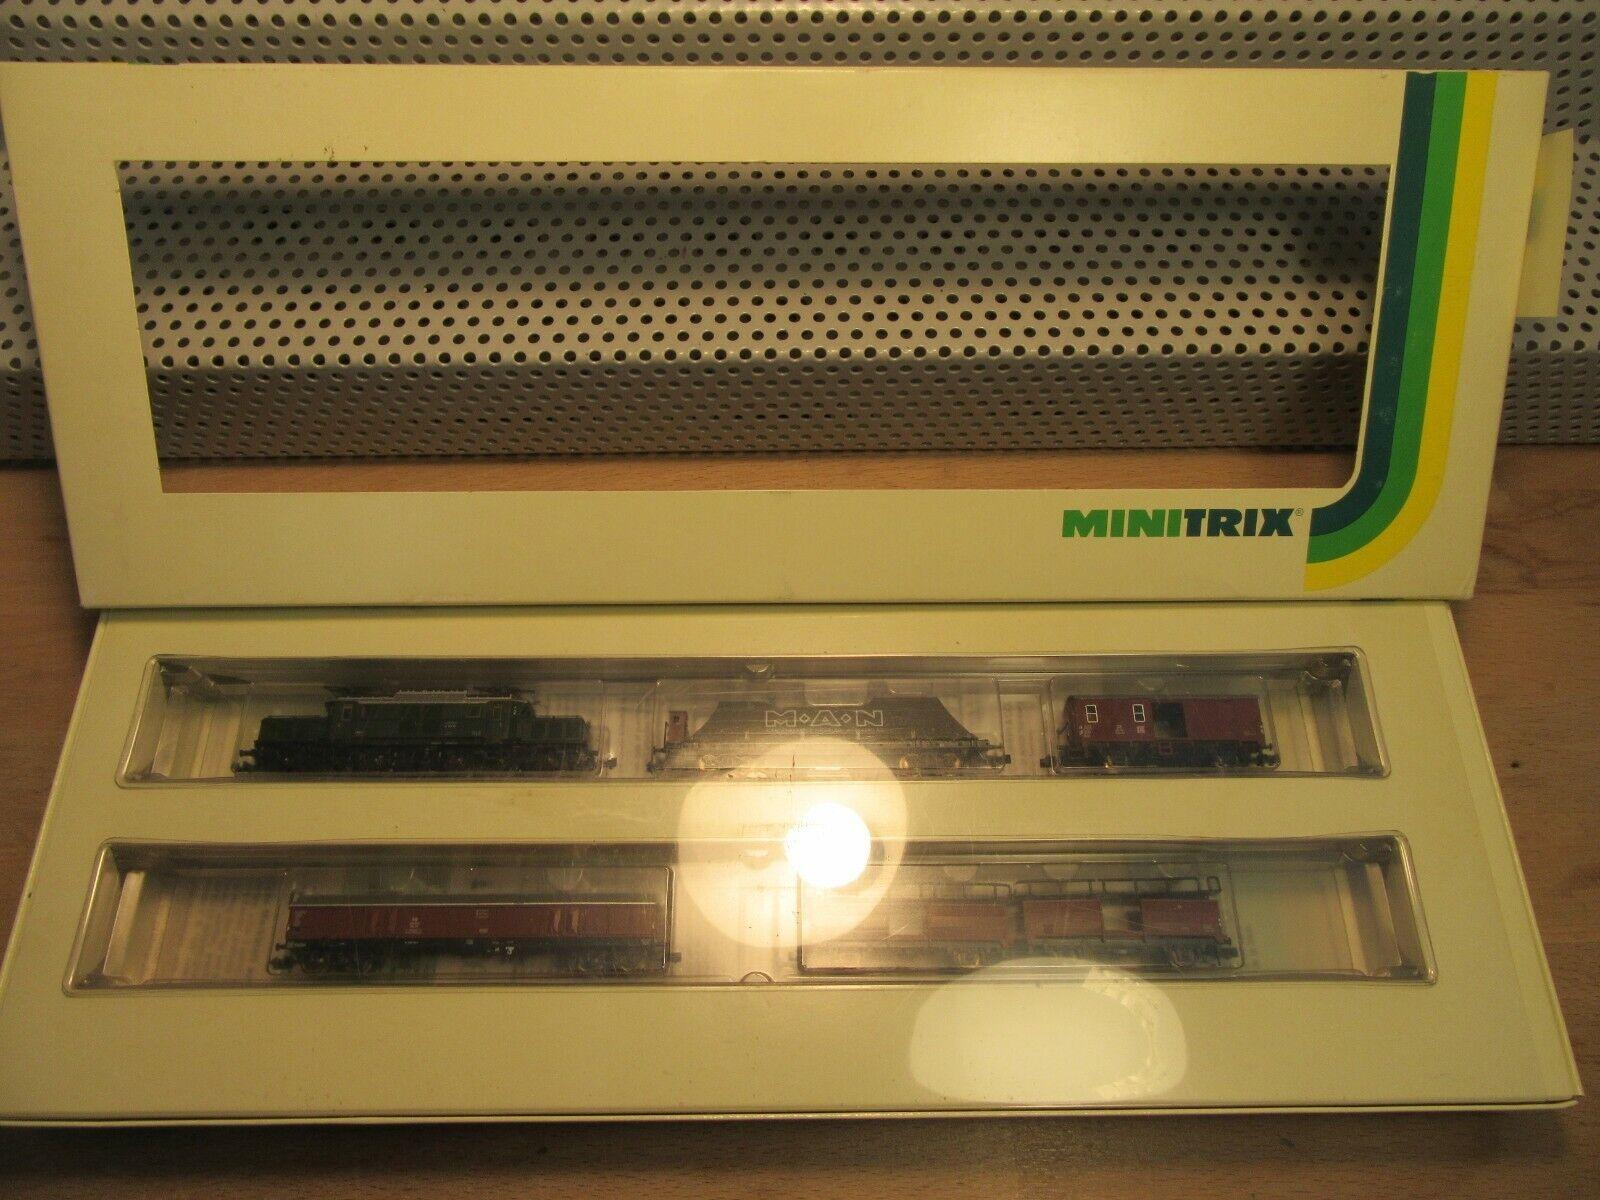 Minitrix n 11321 gasóleo br e 93 15 DB con 4 vagones analógico sin usar en su embalaje original